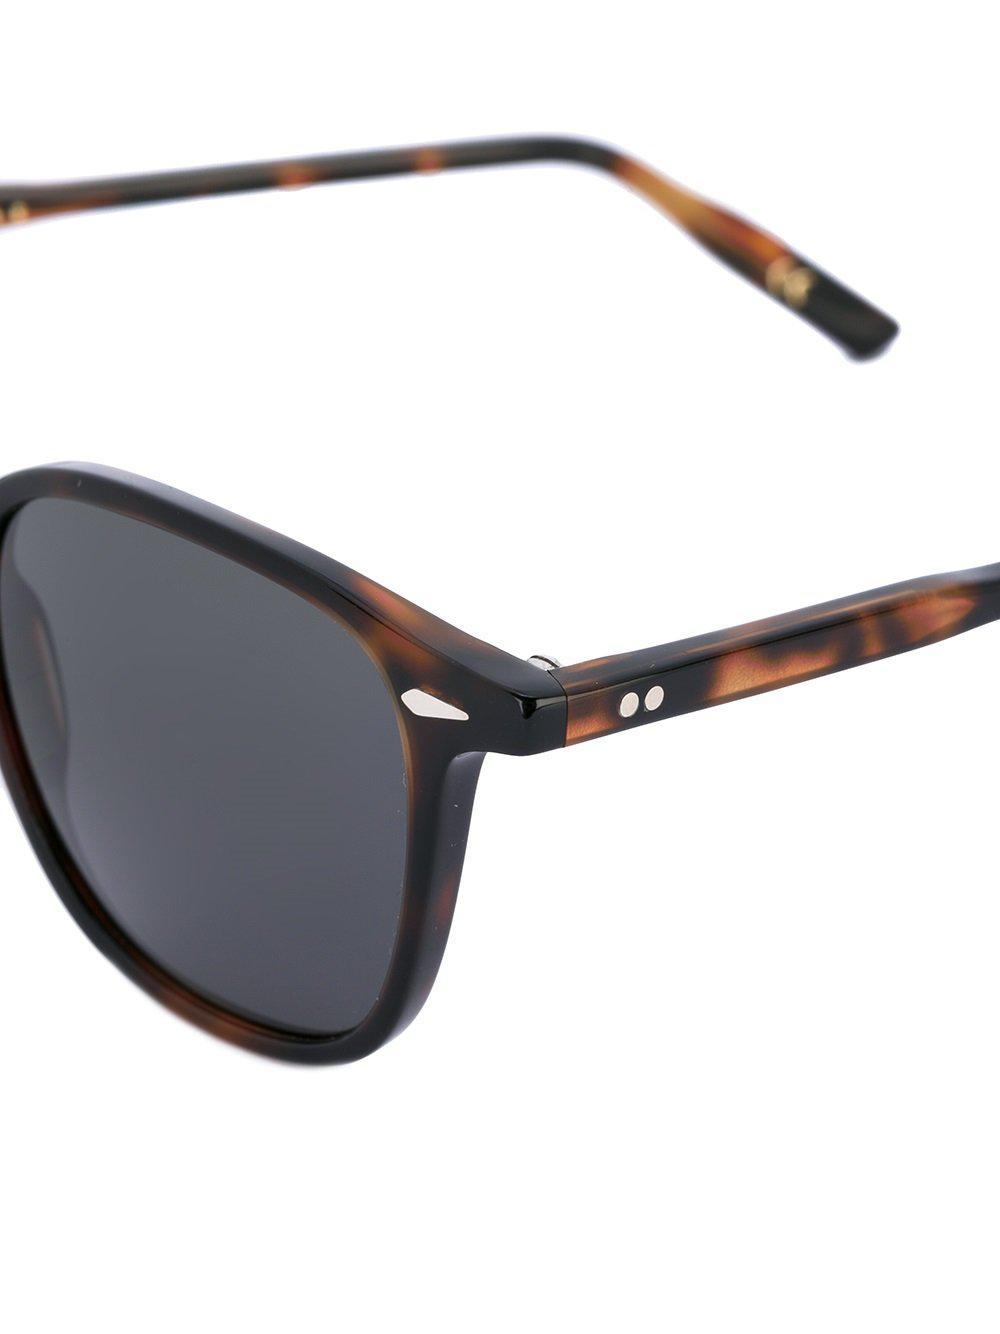 Lesca Zulu Sunglasses in Brown